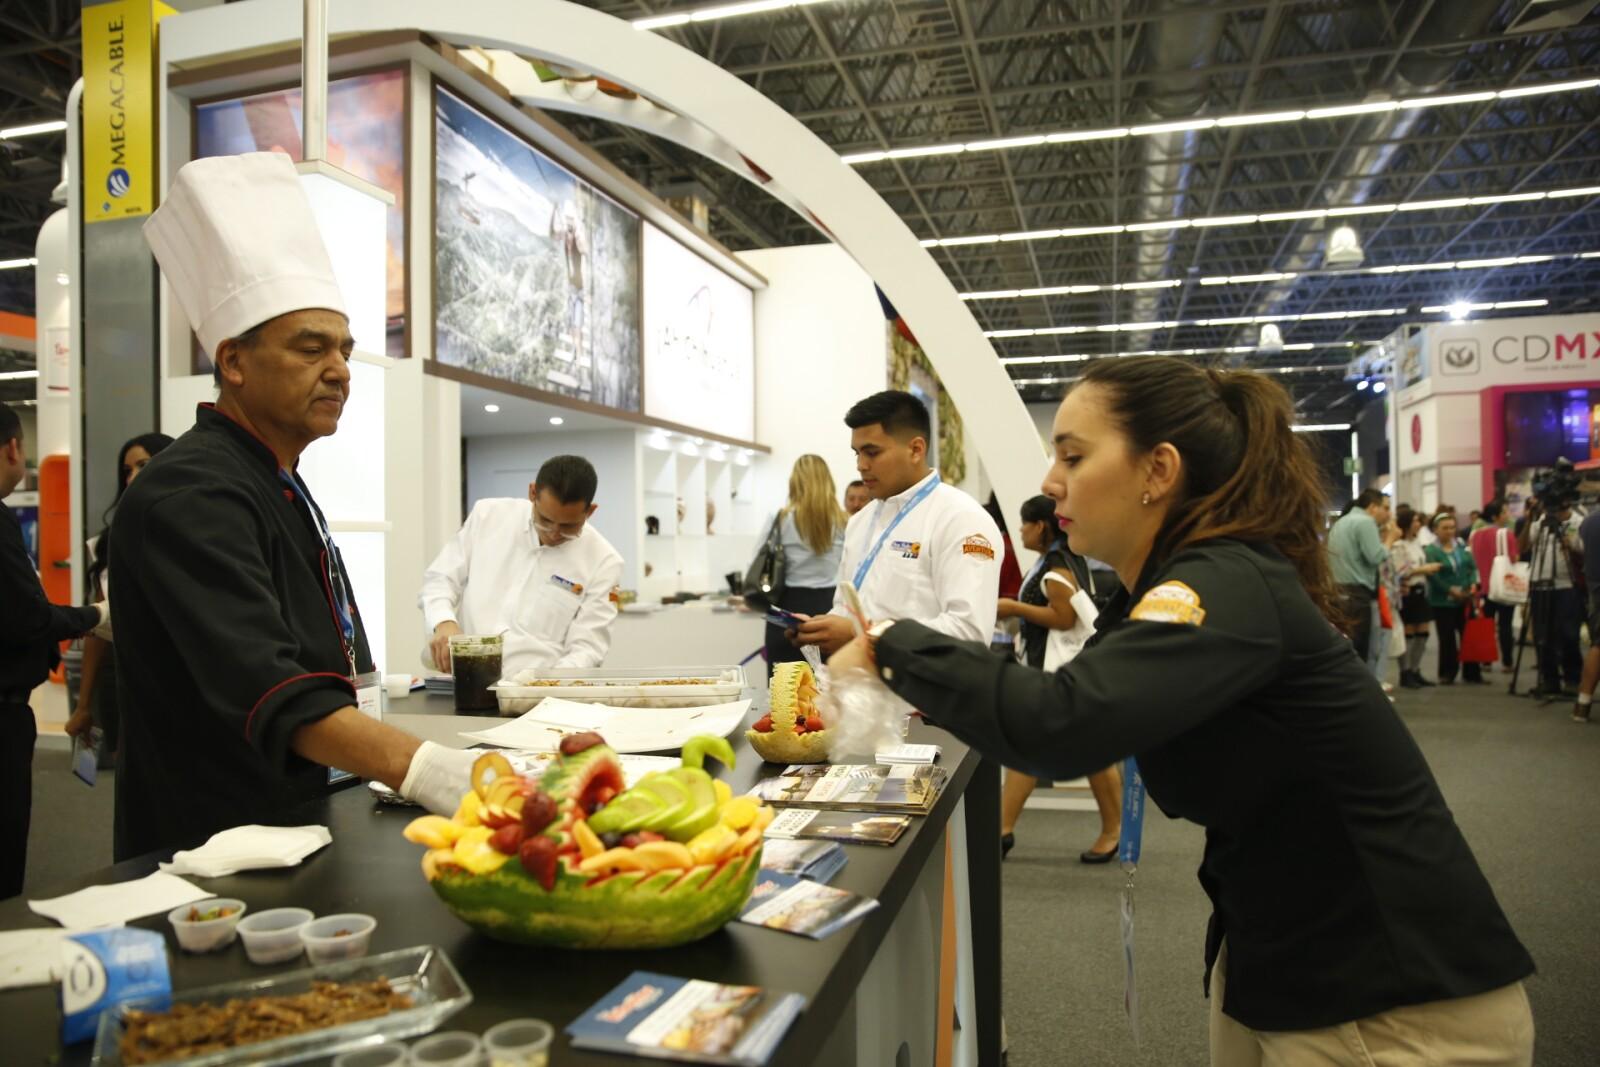 Algunos de los pabellones ofrecen muestras de cochinita pibil, fruta, vaporcitos y empanadas.